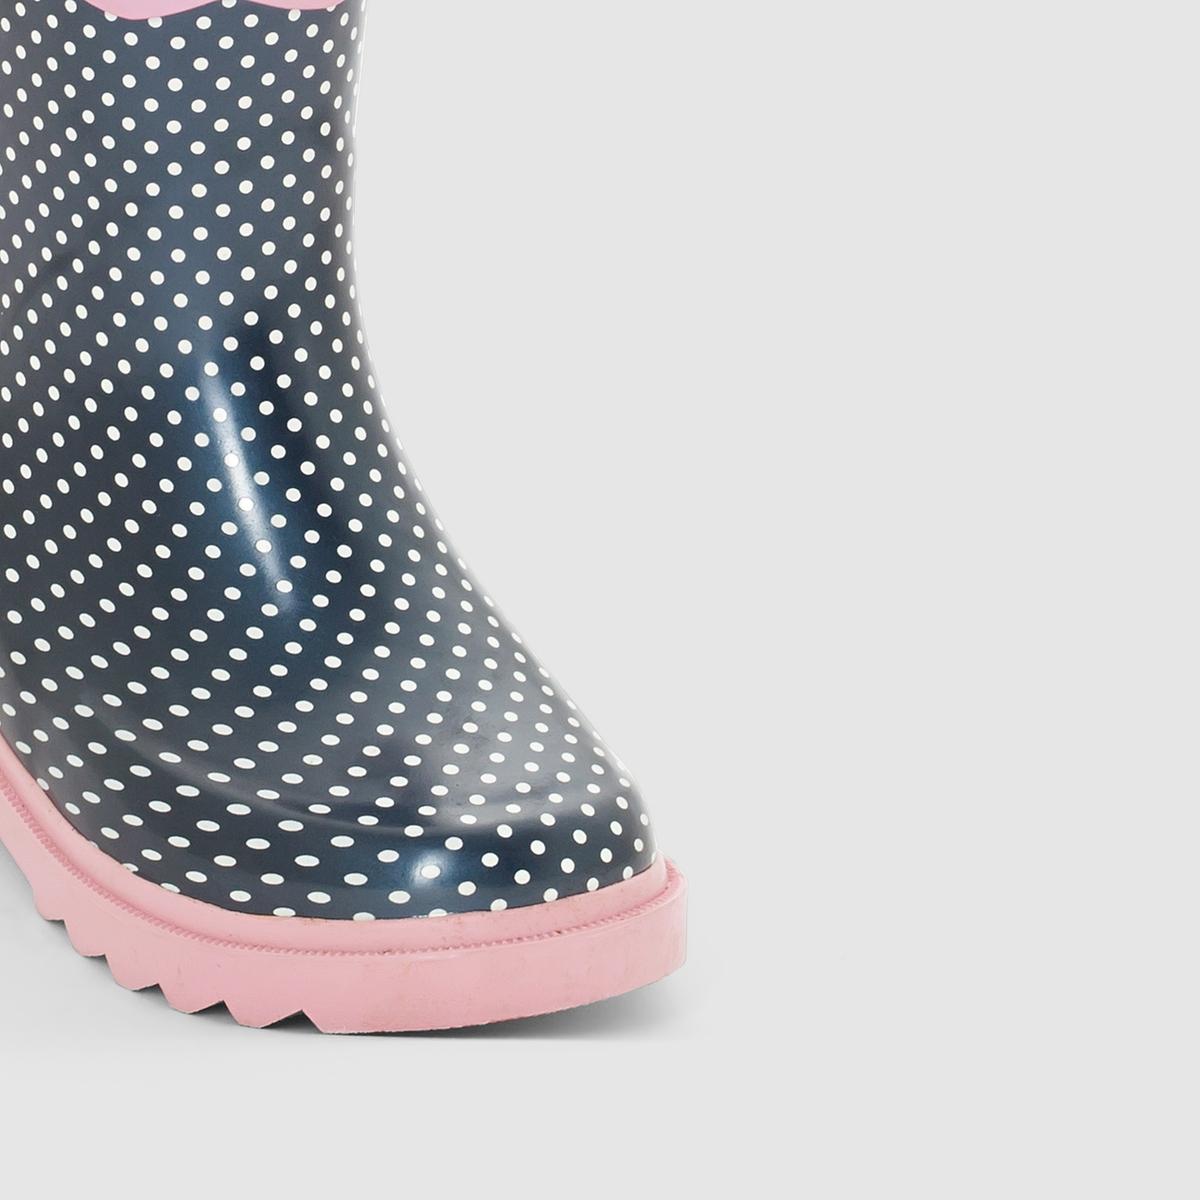 Сапоги резиновые BE ONLY, IRISОписание:Детали  •  Резиновые сапоги •  Плоский каблук •  Круглый мысок •  Застежка : без застежки •  Высота каблука : 1 см.Состав и уход  •  Верх 100% каучук •  Подкладка 100% хлопок •  Стелька 100% текстиль •  Подошва 100% каучук<br><br>Цвет: темно-синий в белый горошек<br>Размер: 25